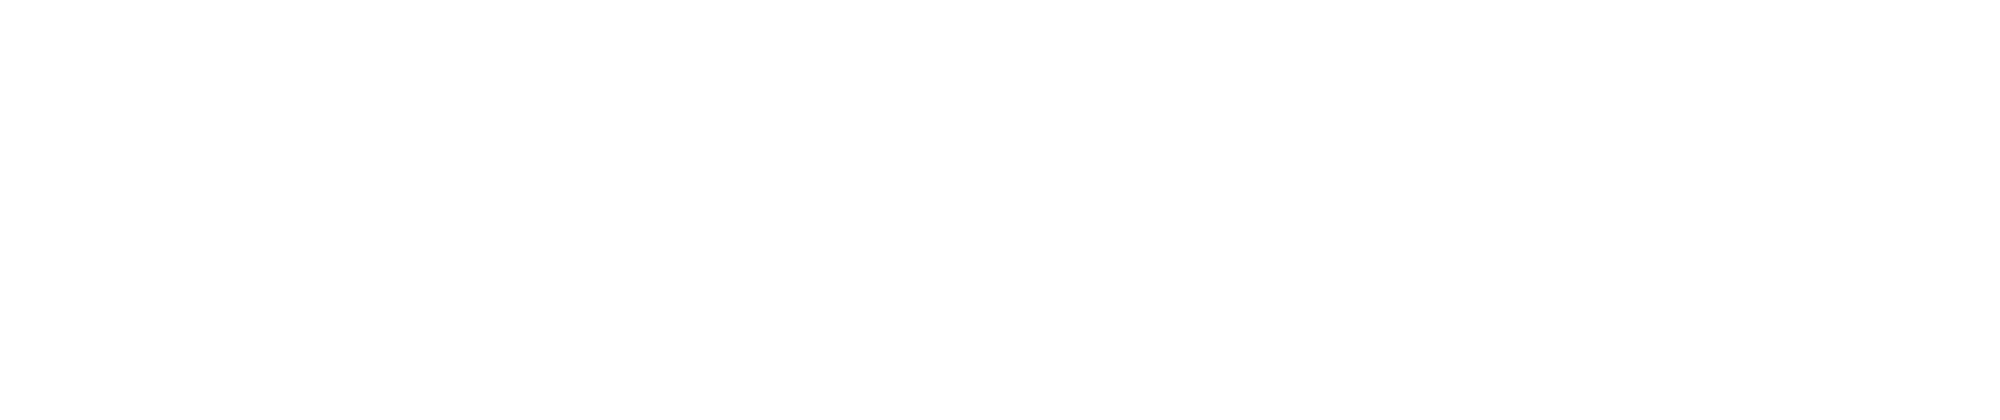 Leistungsstarke B-Ware-Artikel von Lenovo